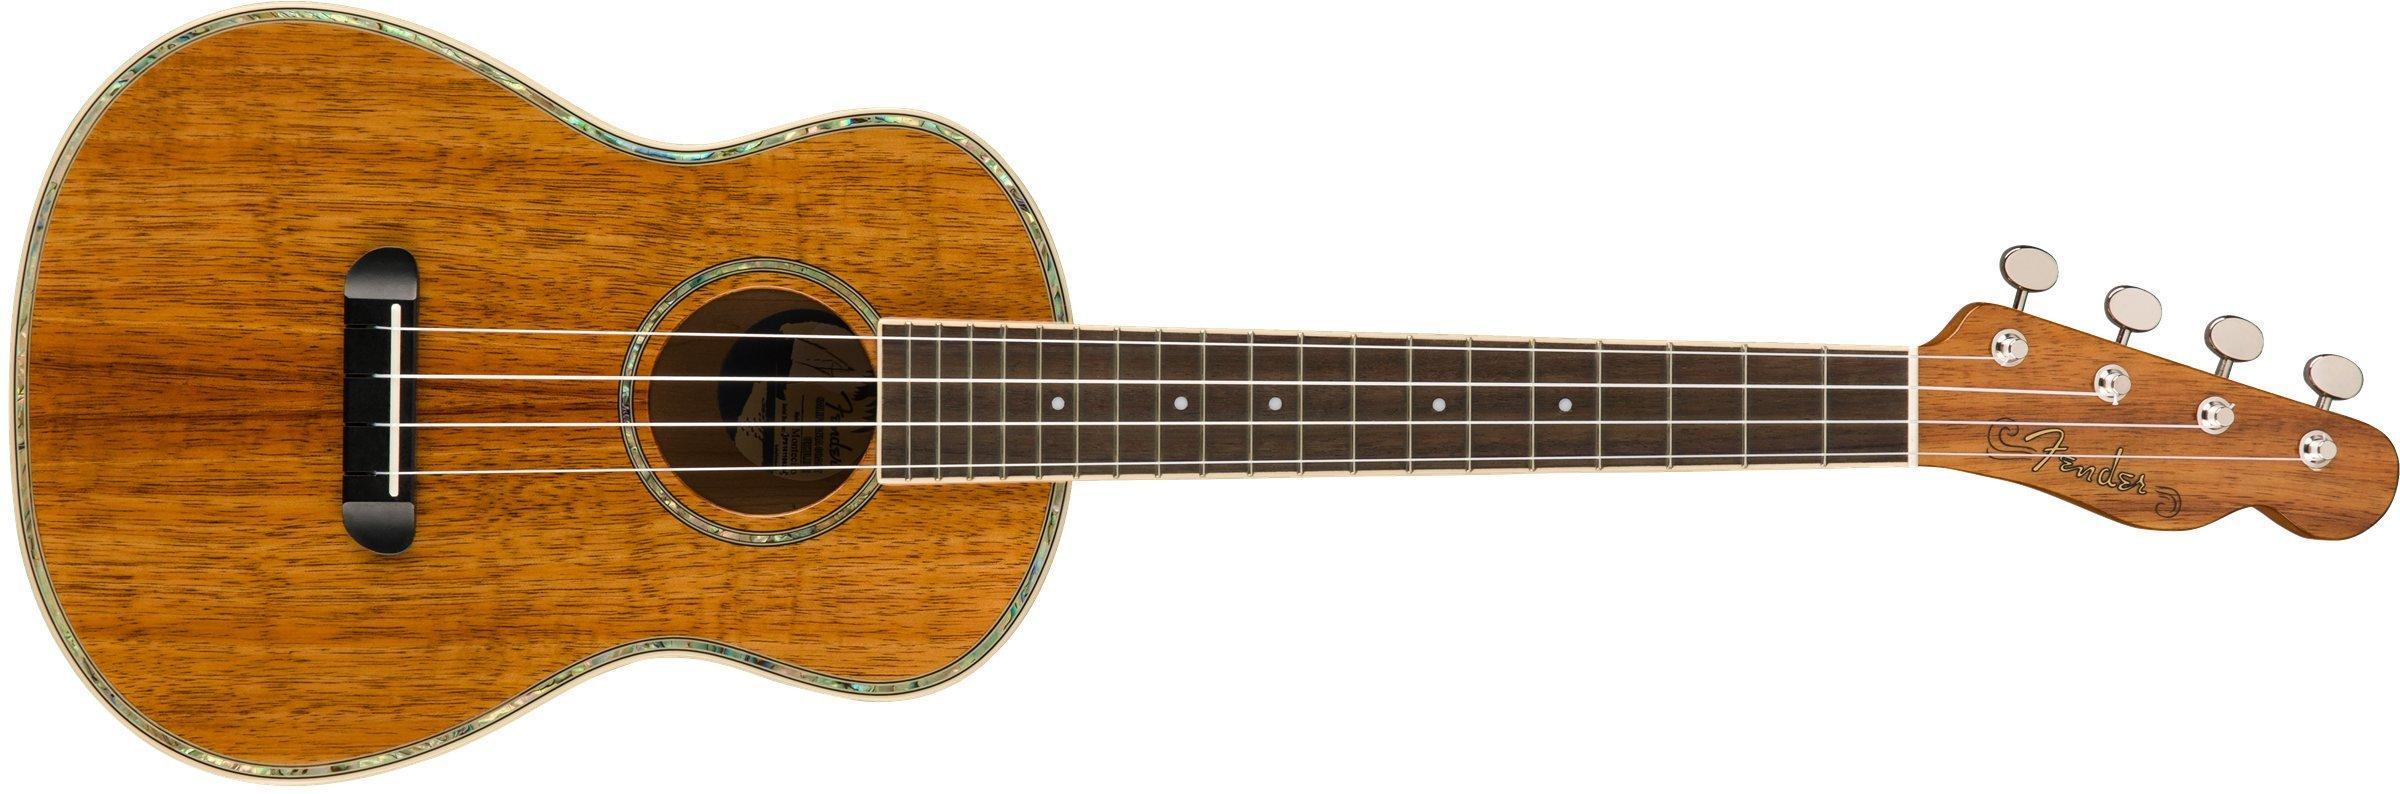 Fender Montecito Tenor Ukulele - Koa by Fender